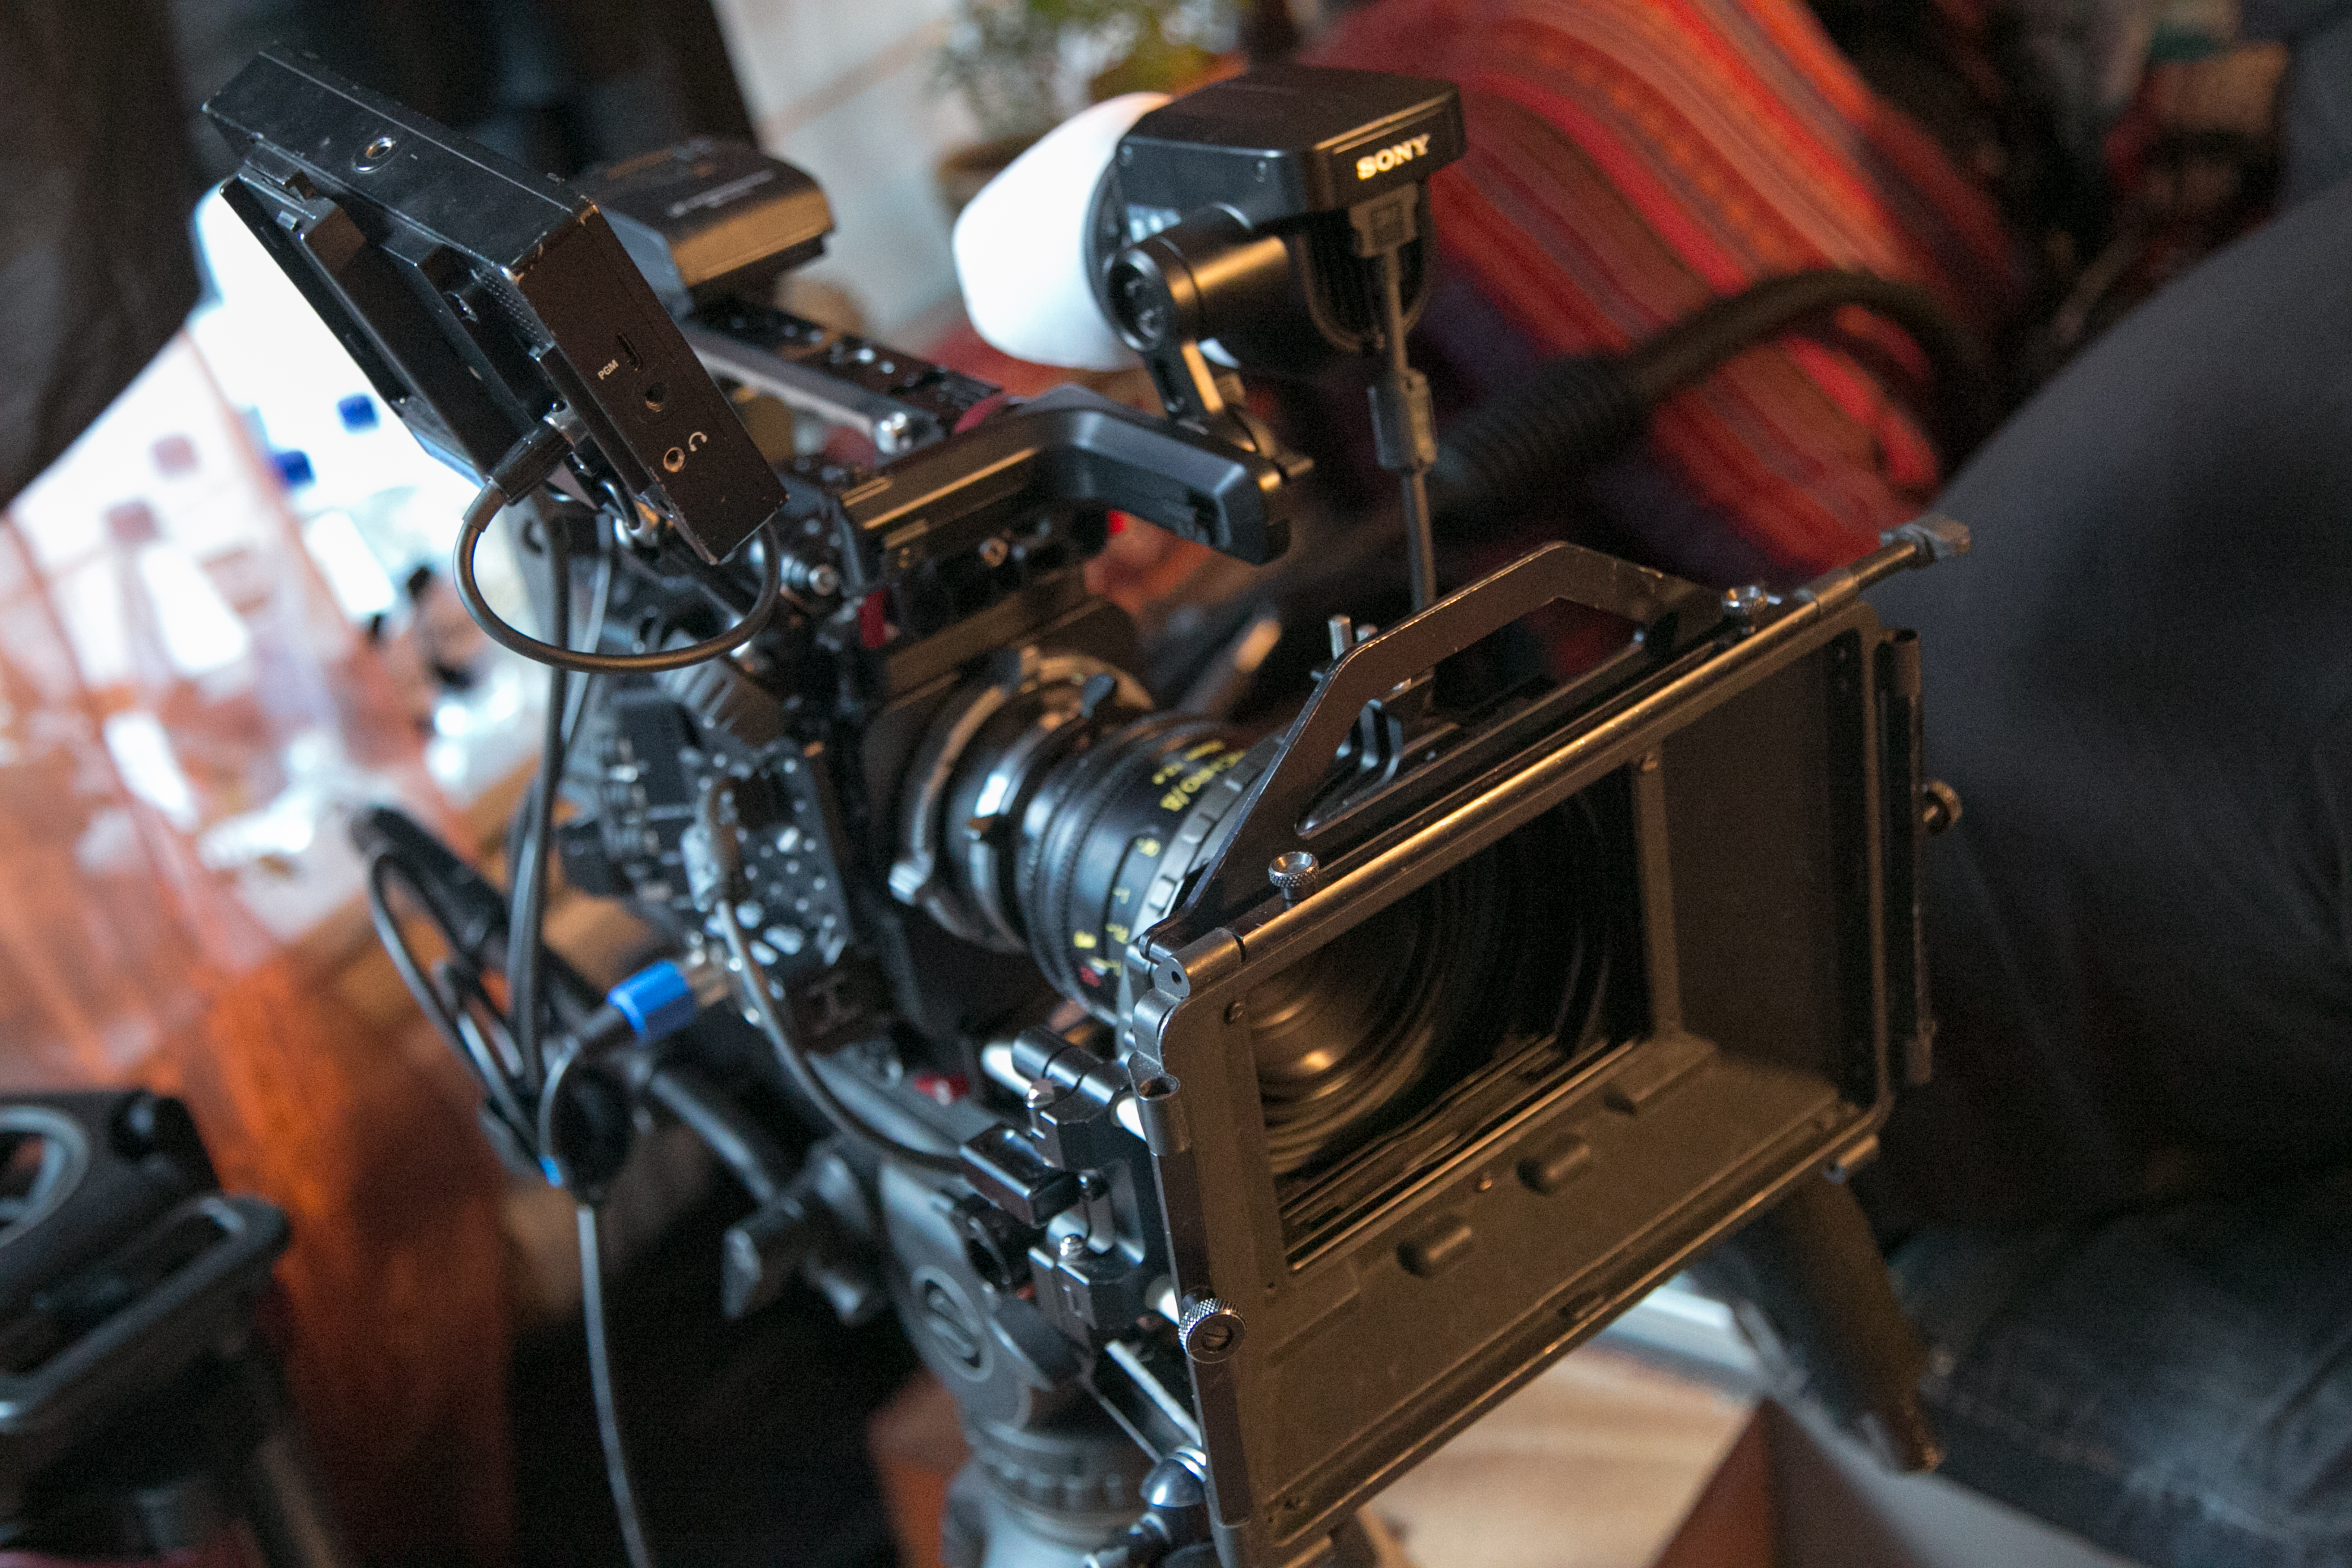 videoproductie bedrijf amsterdam